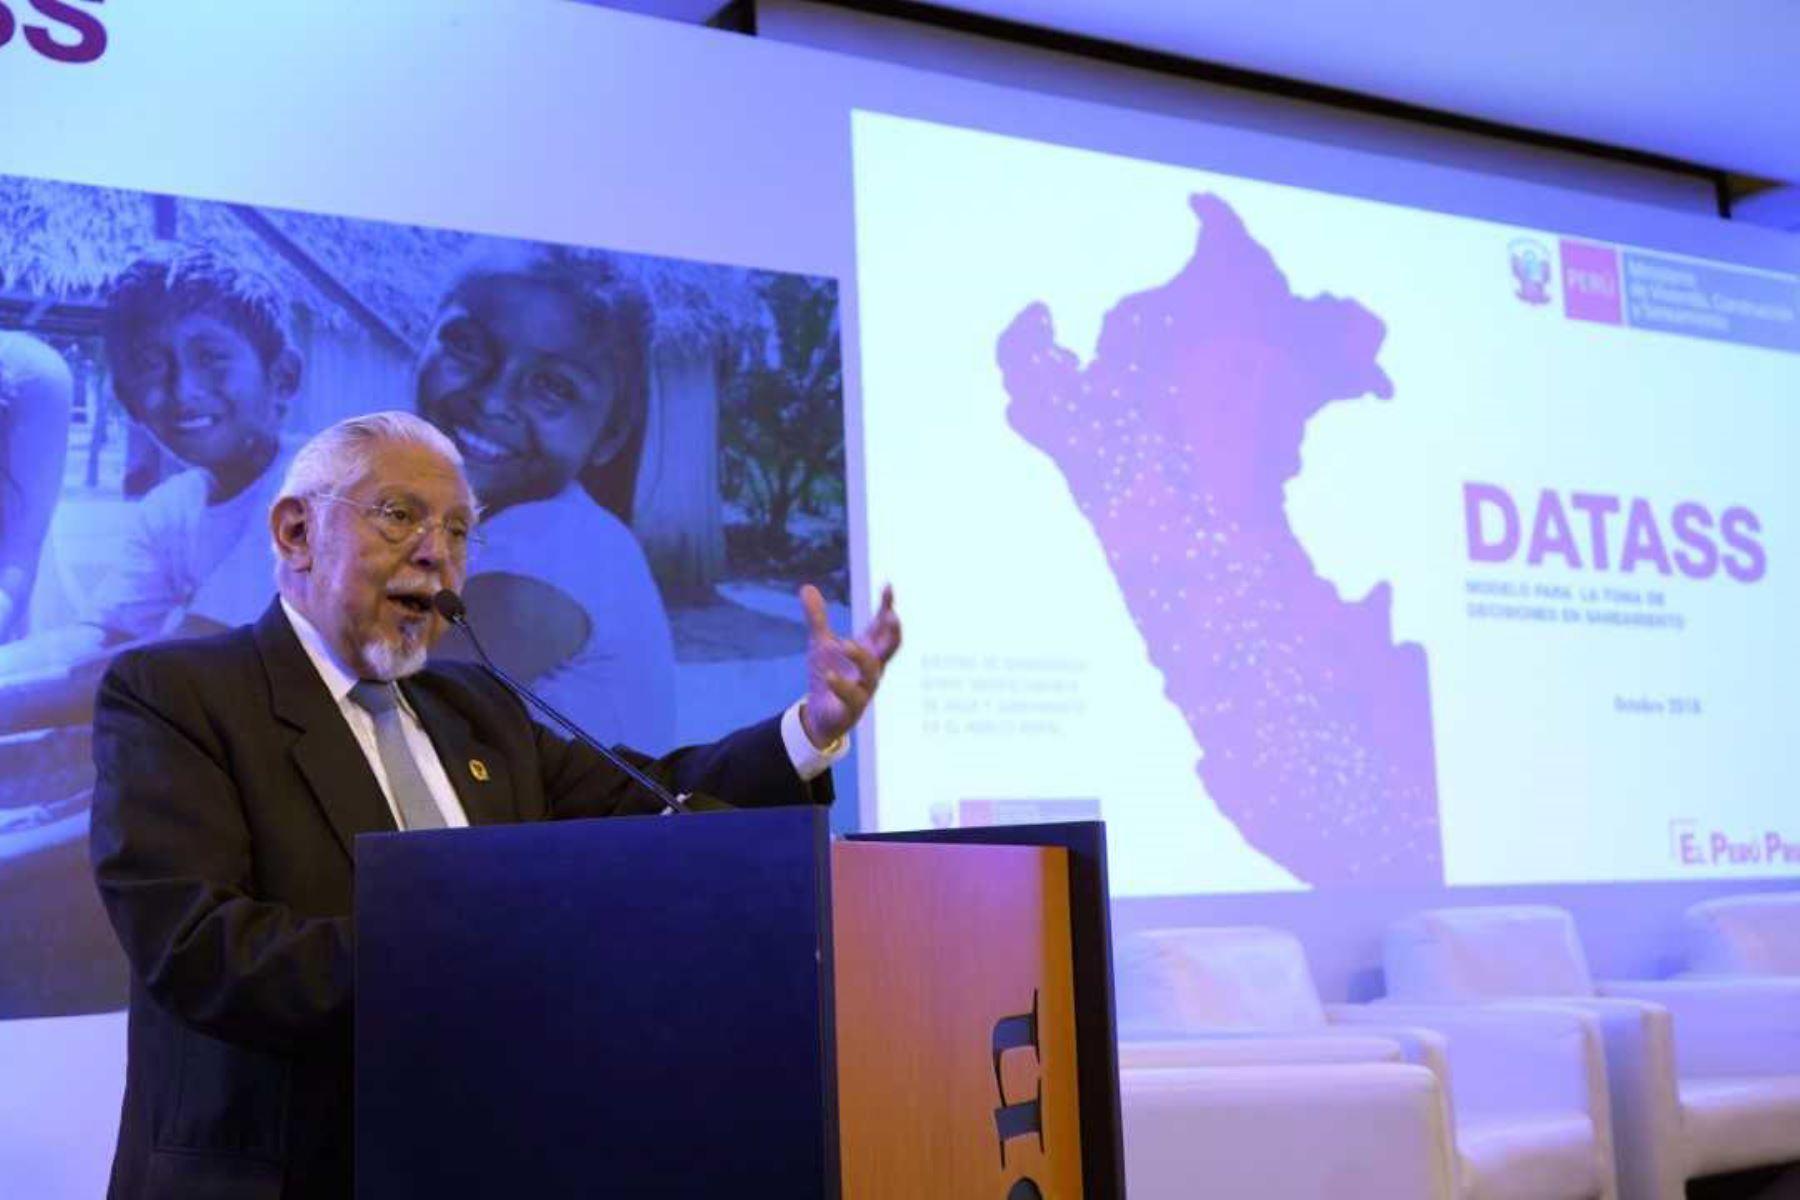 Ministro de Vivienda, Javier Piqué, lanza aplicativo para mejorar servicios de agua y saneamiento rural.